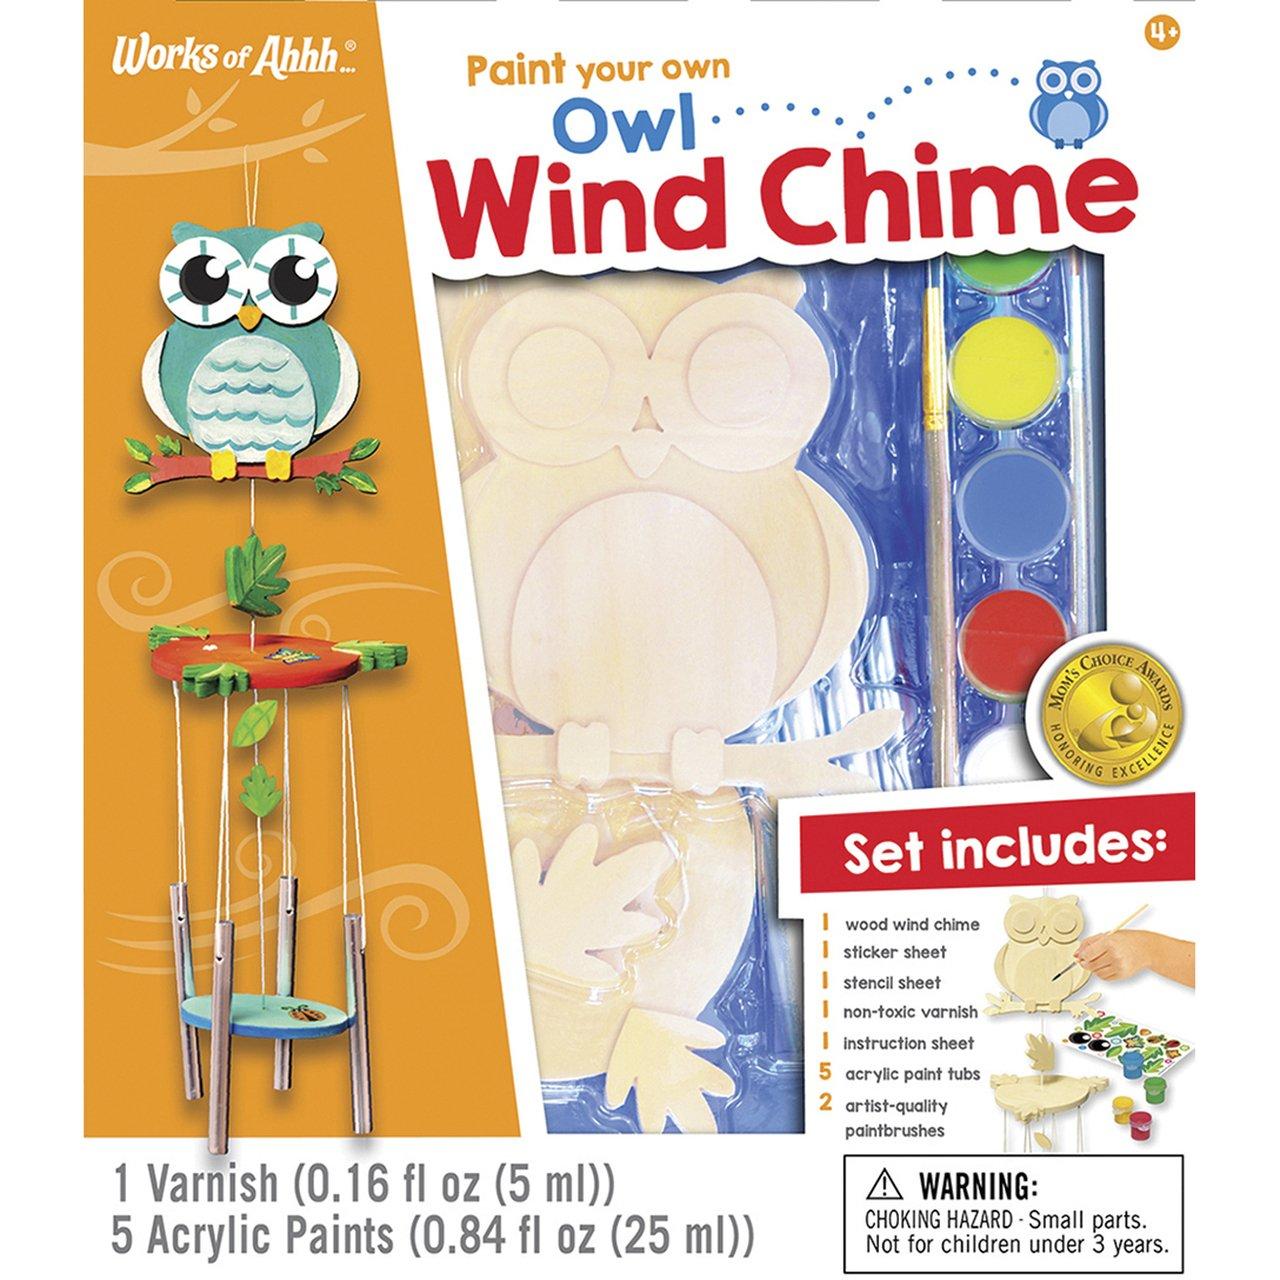 WIND CHIME OWL WOOD PAINT KIT